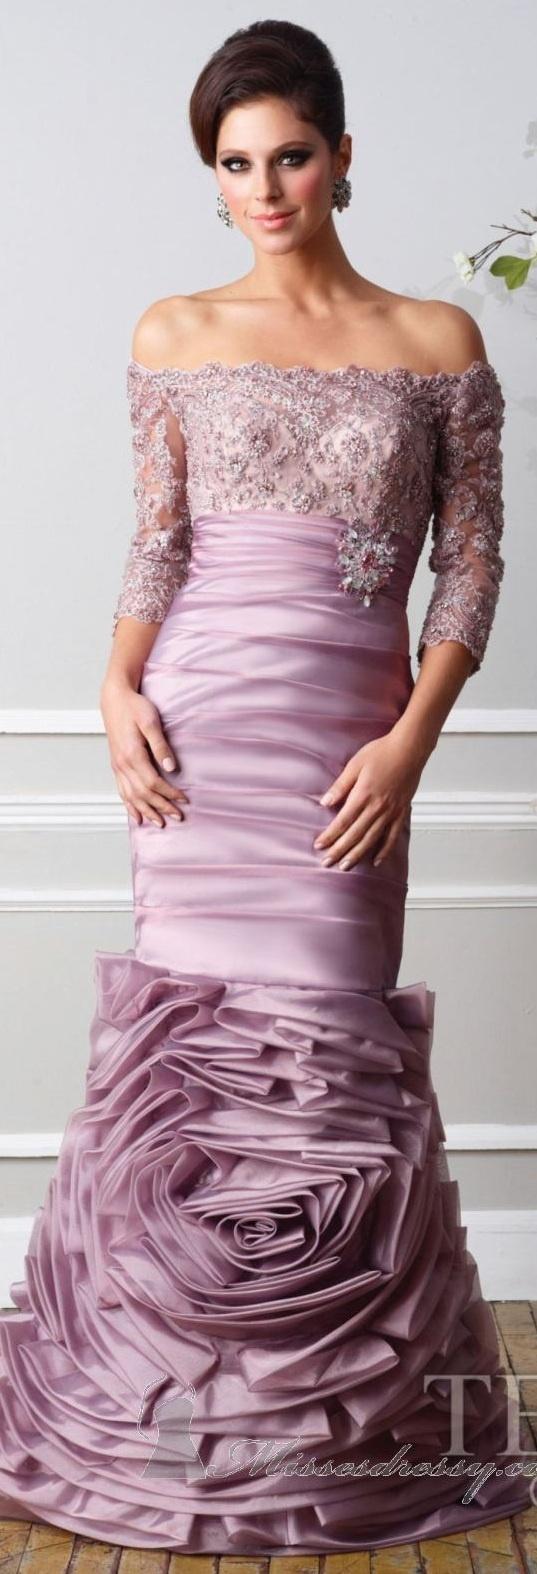 modelos de vestido com manga